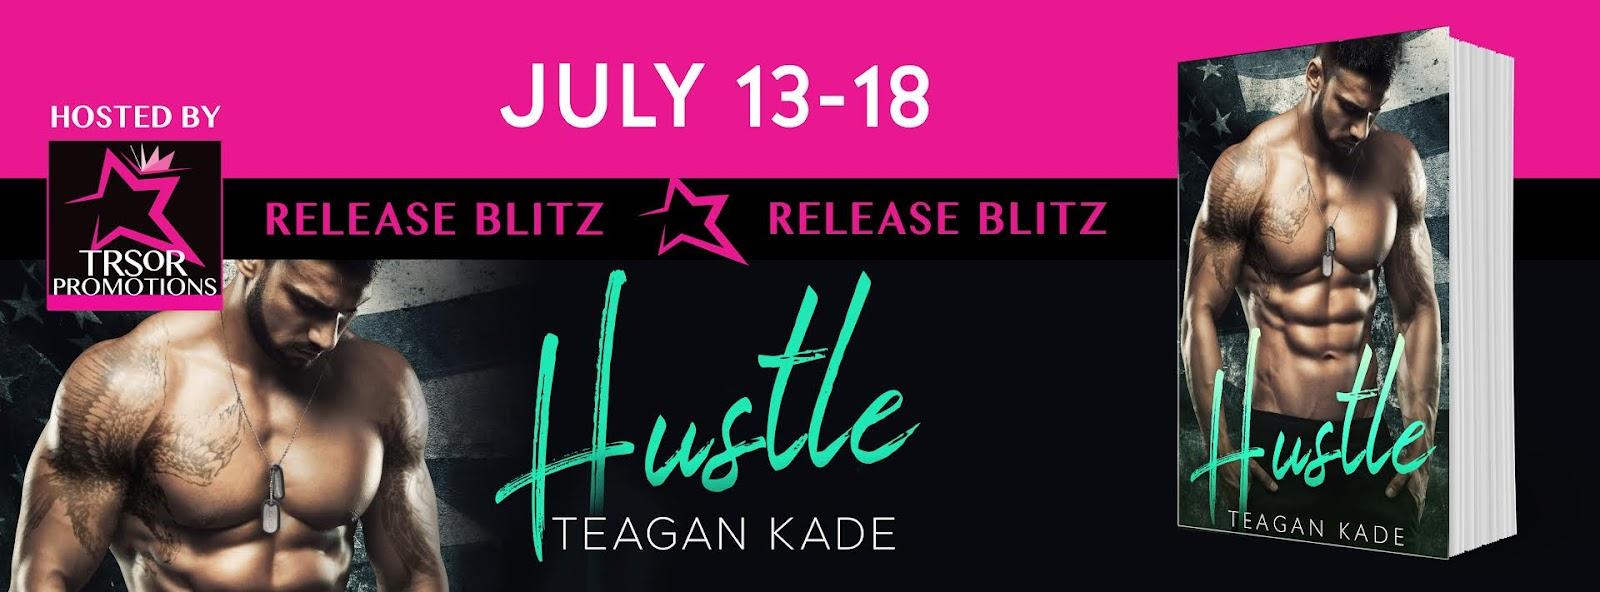 hustle blitz.jpg